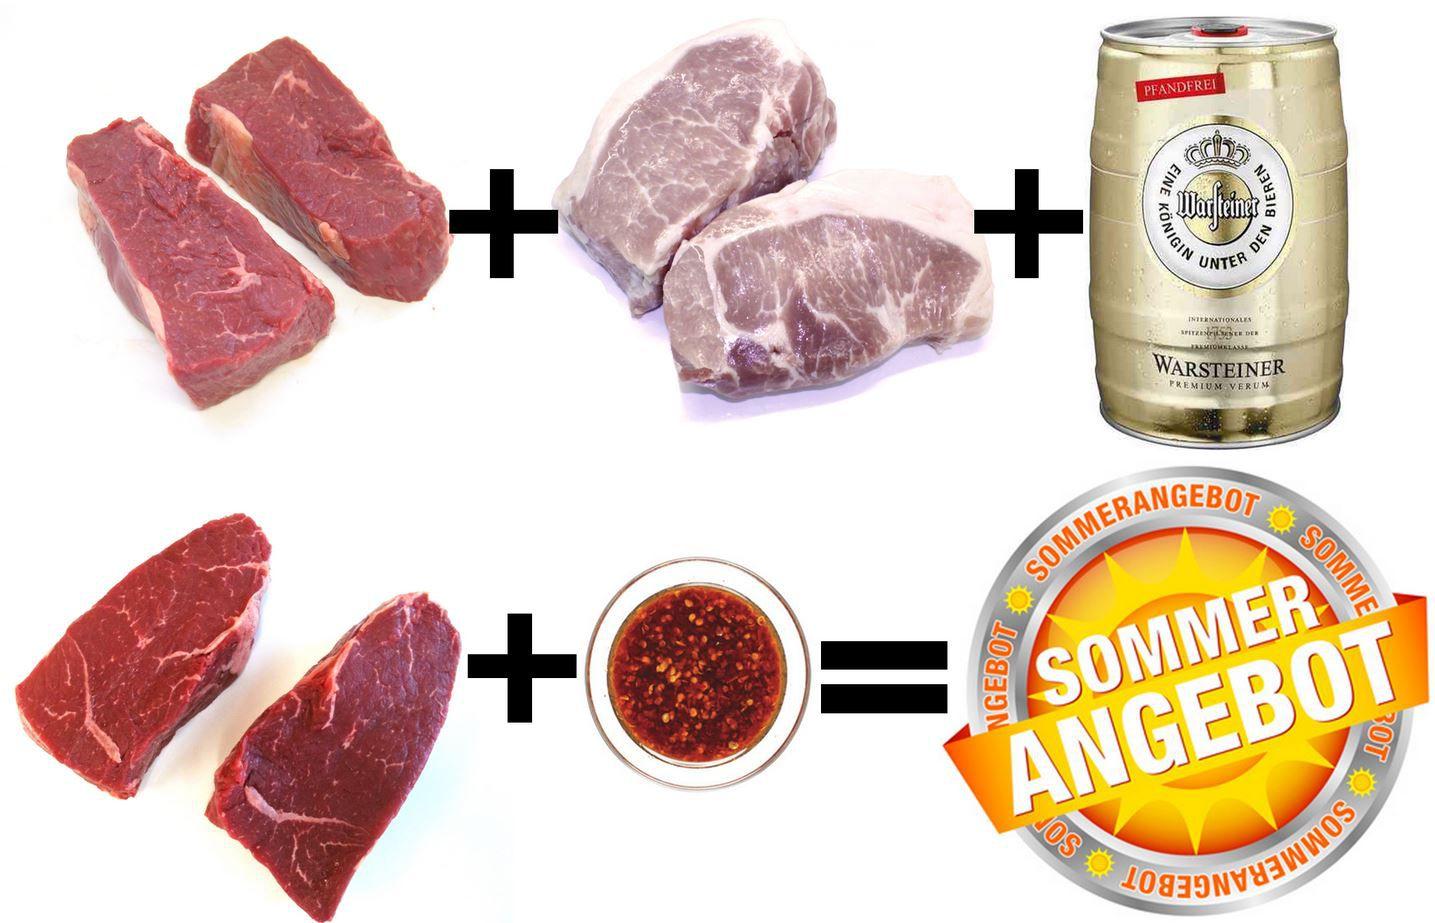 lekker 3 KG premium Sommer Grillpaket (Wagyu, Bison, Duroc) für 79,99€ inkl. Versand   Update!